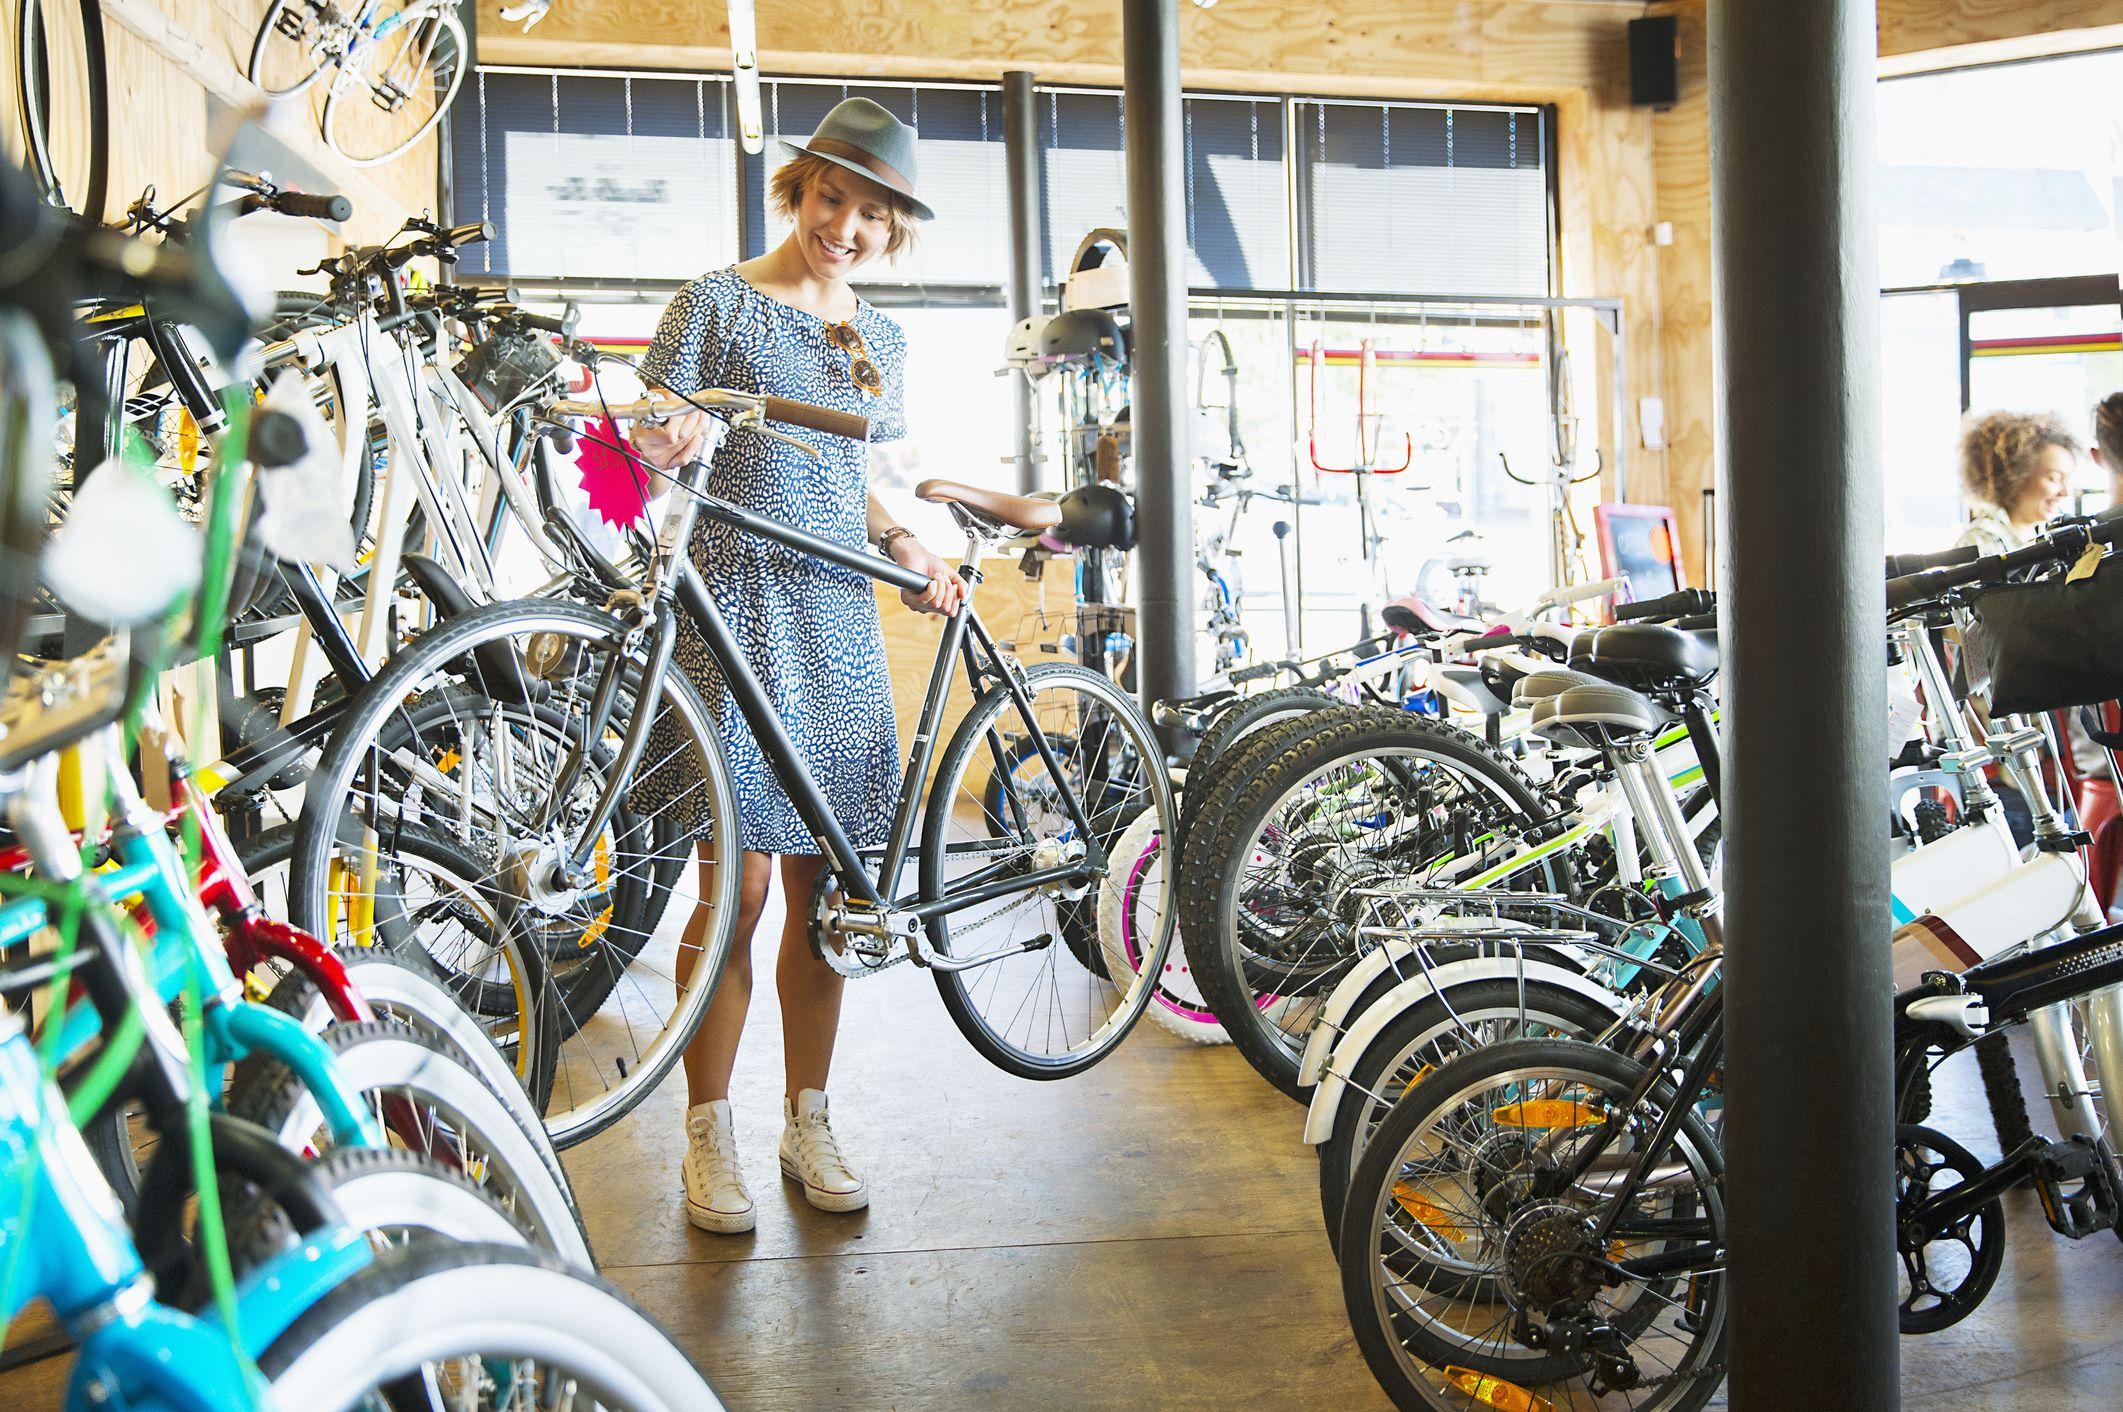 Buying a Bike- Bike Buying Guide for Beginners